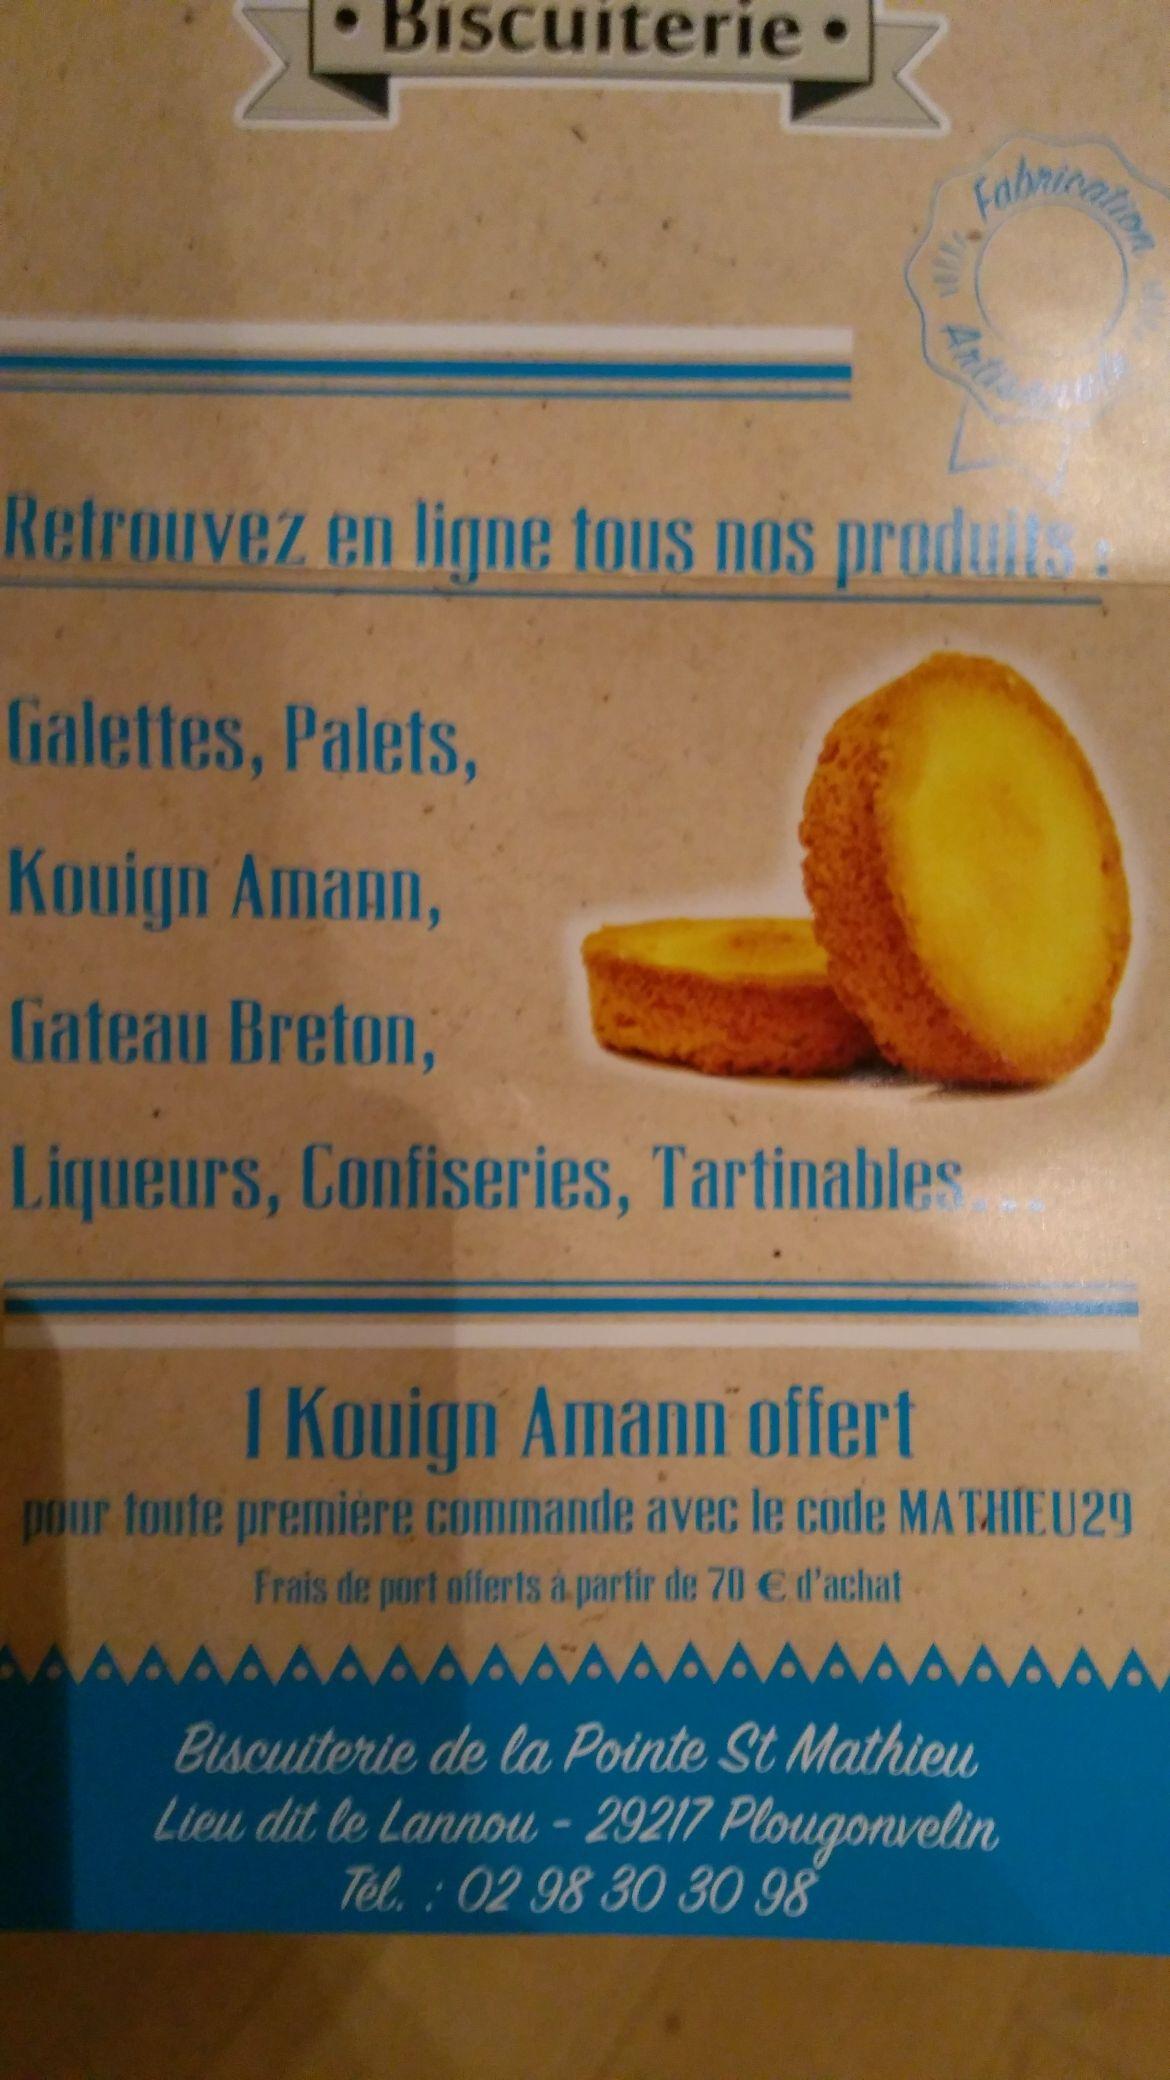 Un kouign aman offert pour toute première commande à partir de 20€ (biscuiteriedesaintmathieu.com)